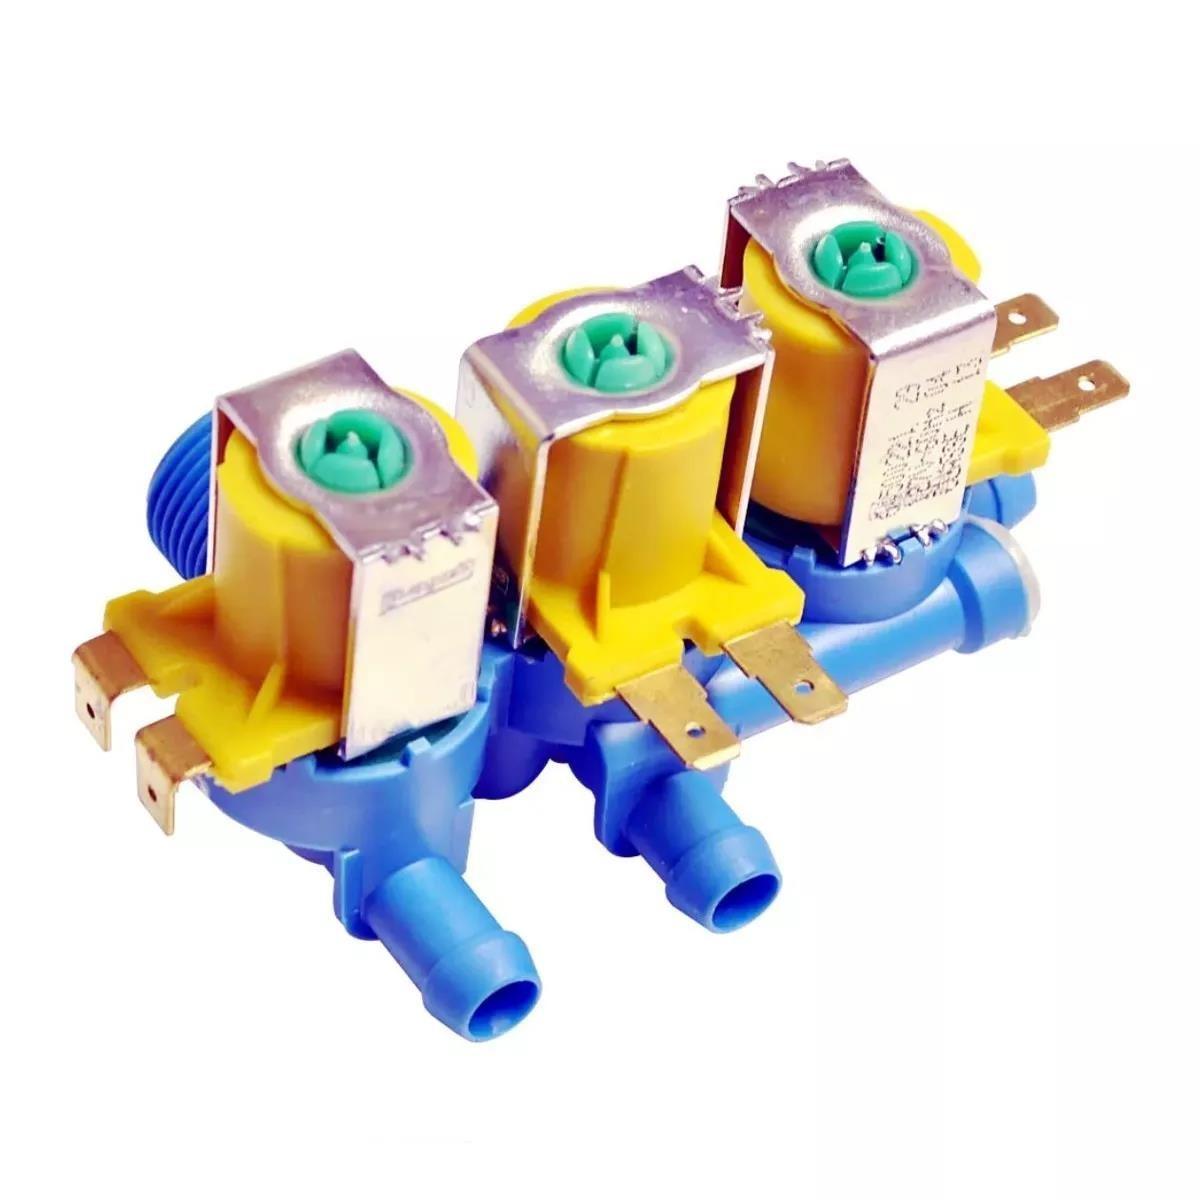 Imagem do produto Válvula Original Tripla Electrolux LTC15 / LTR15